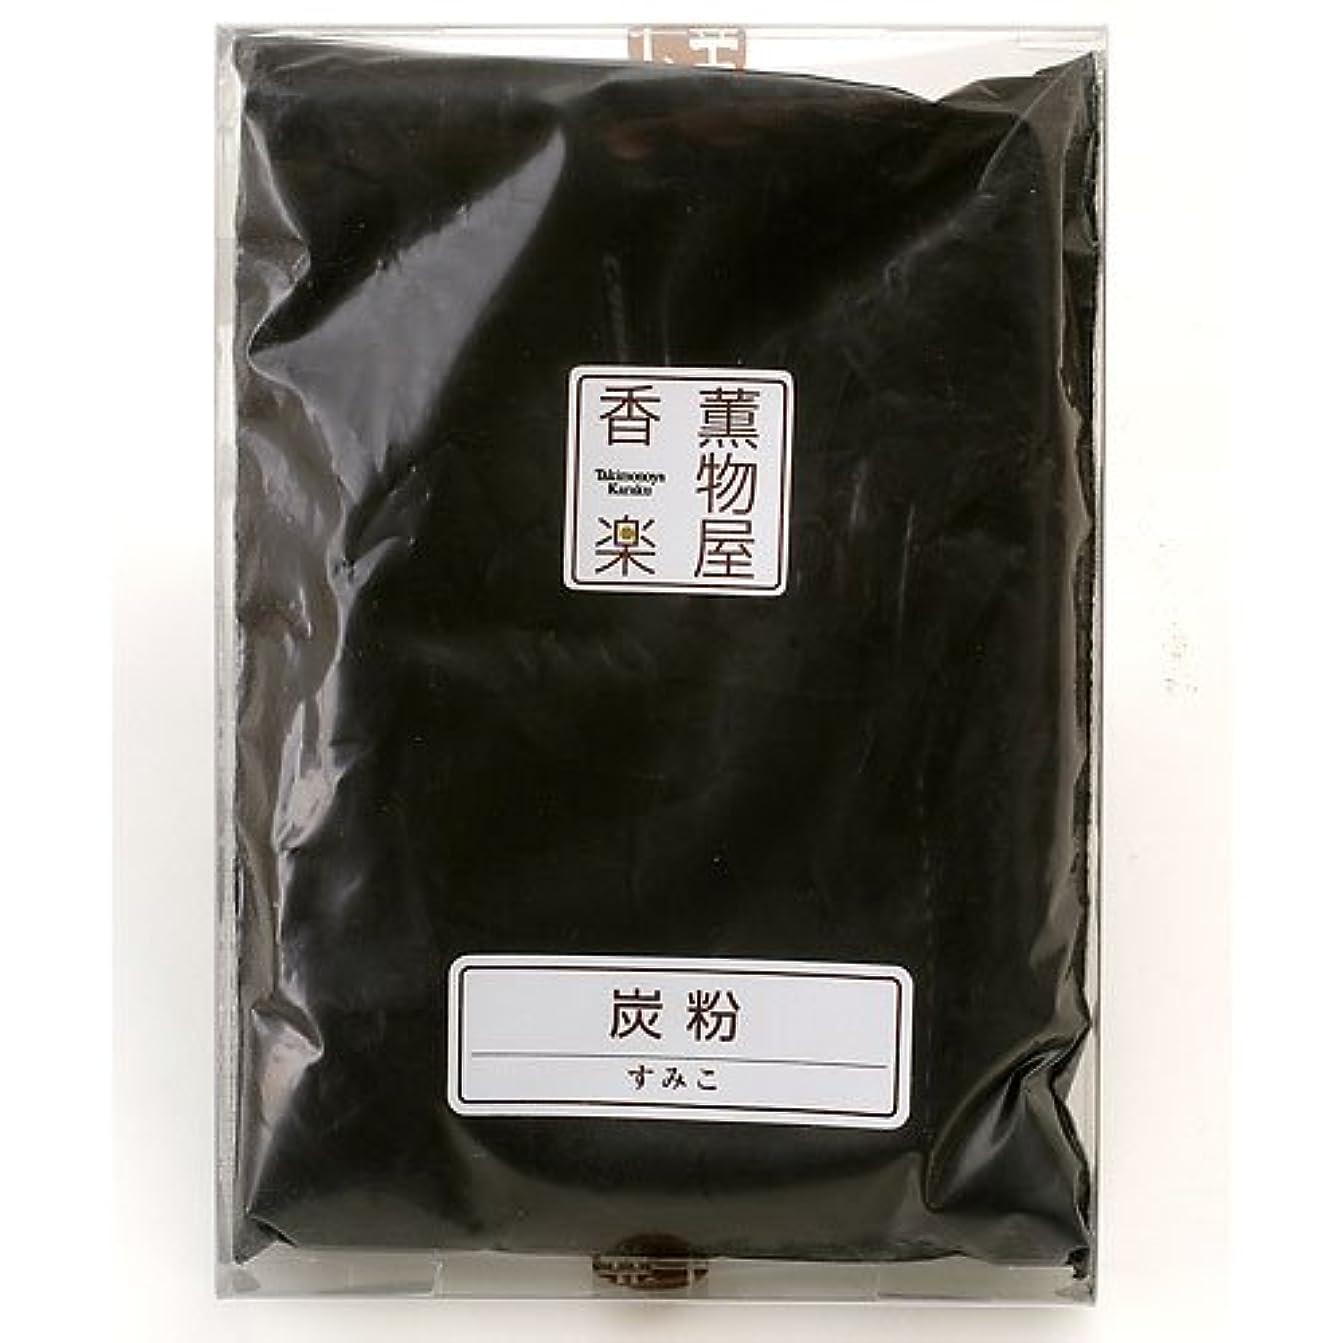 パンサーインフレーション怒り炭粉(着火/カビ防止) 線香?練香の材料